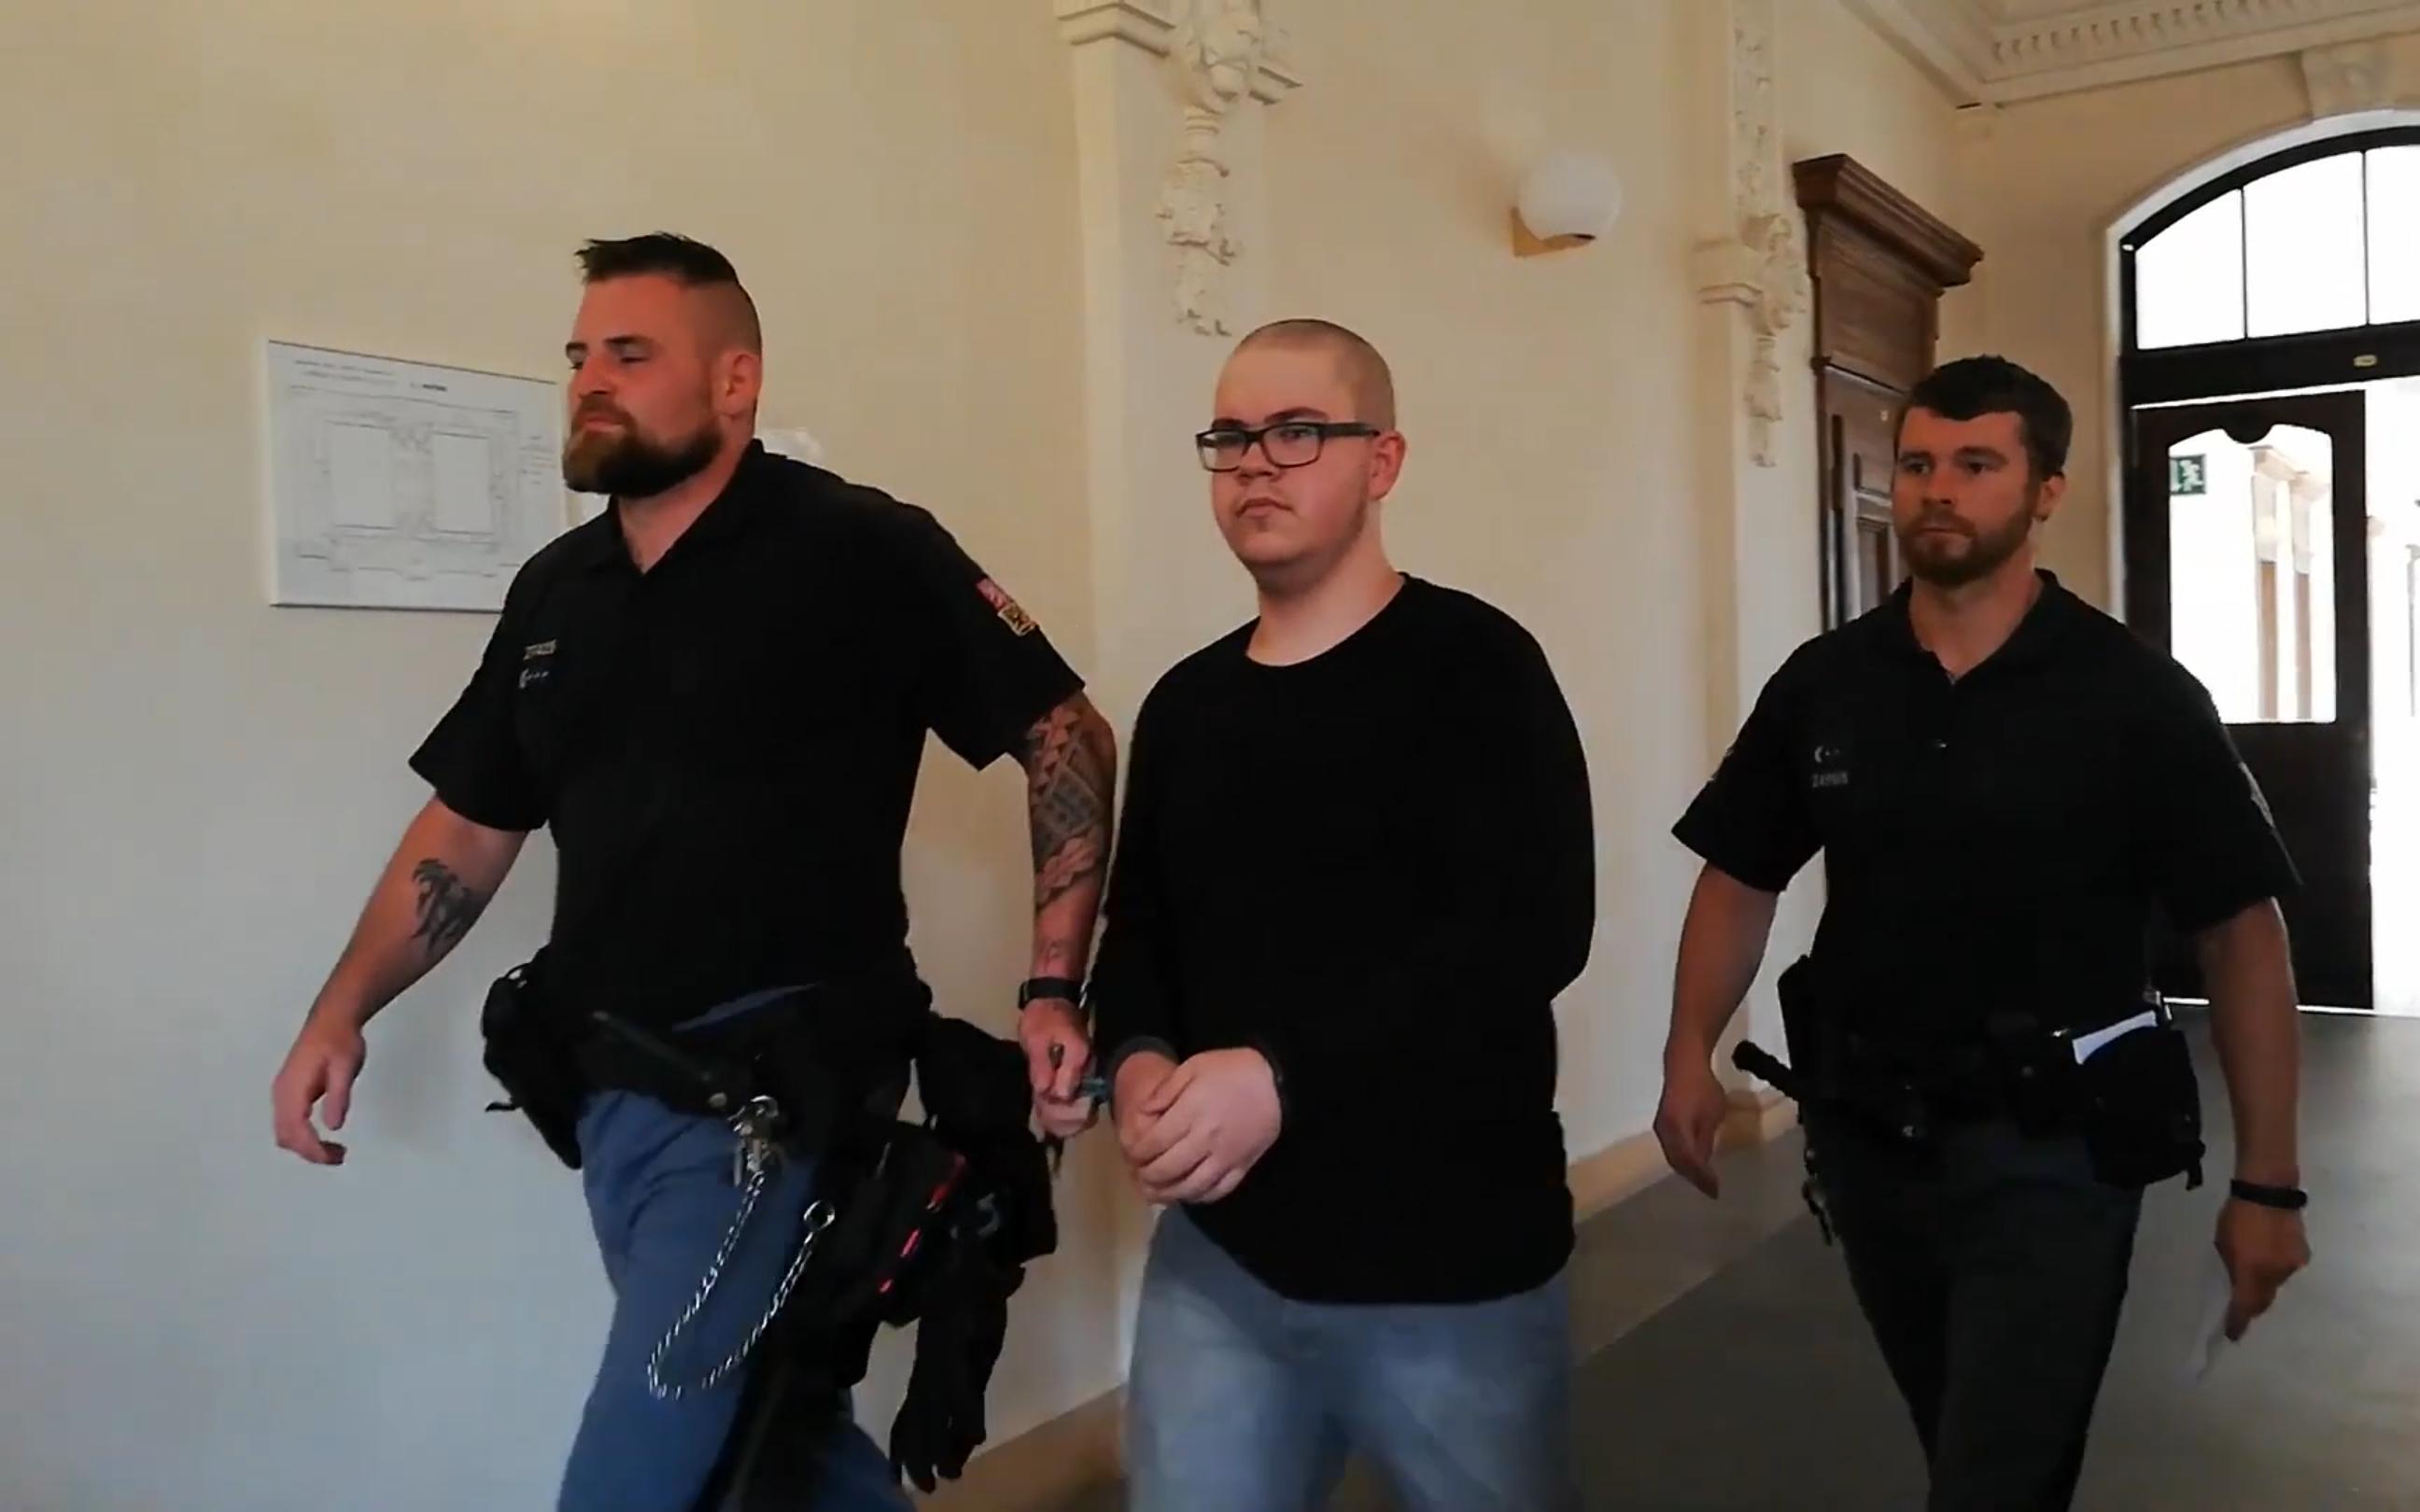 Zfetovaný mladík ukradl v Brně dva autobusy a jezdil po městě. Dostal patnáct měsíců